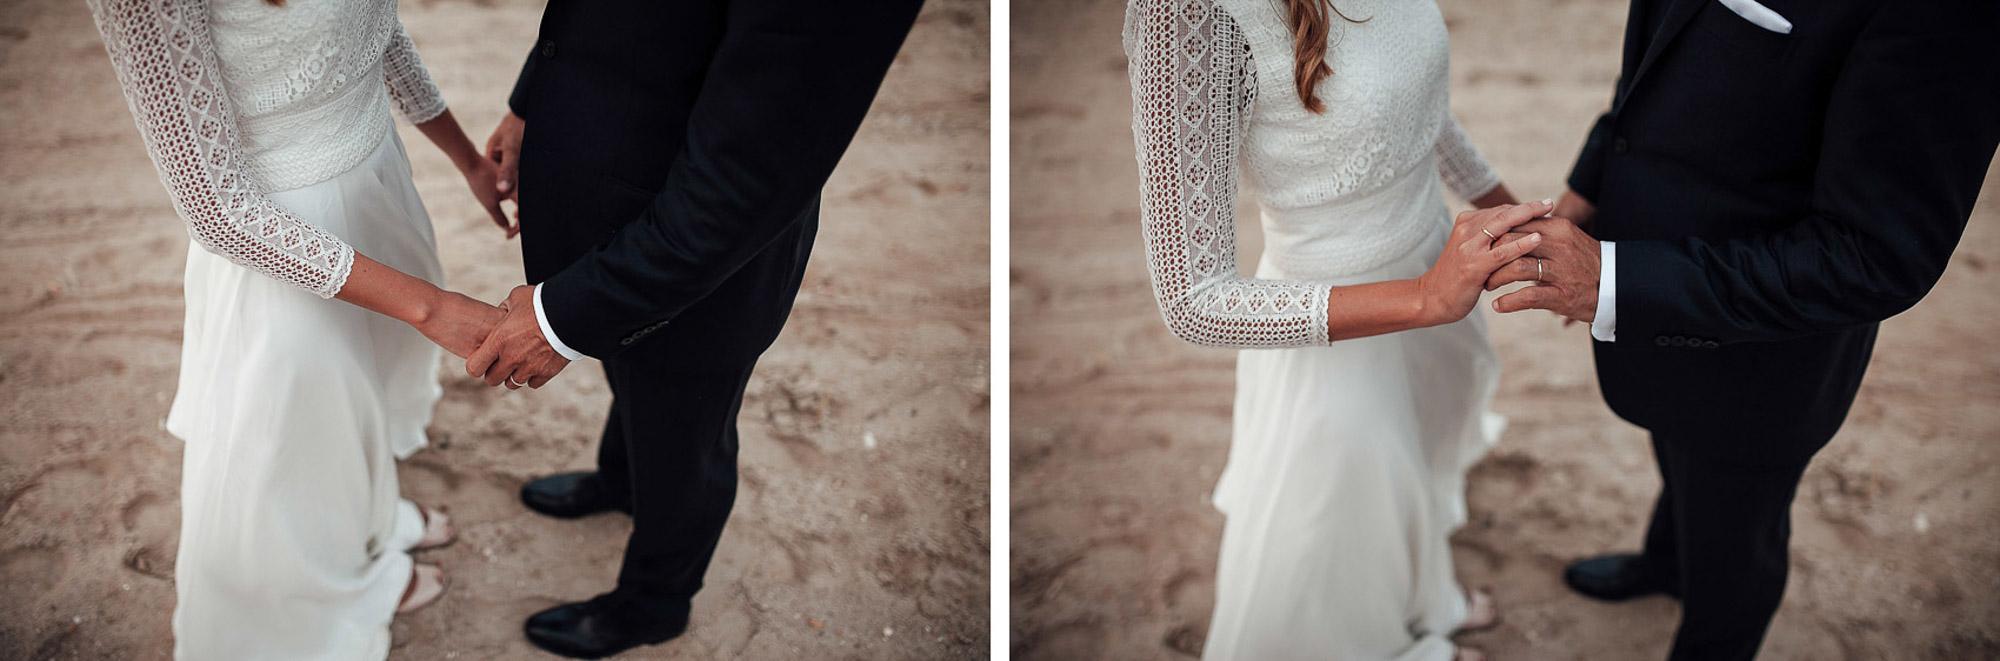 detalle enlace matrimonial anillos Cabo de Palos fotografia